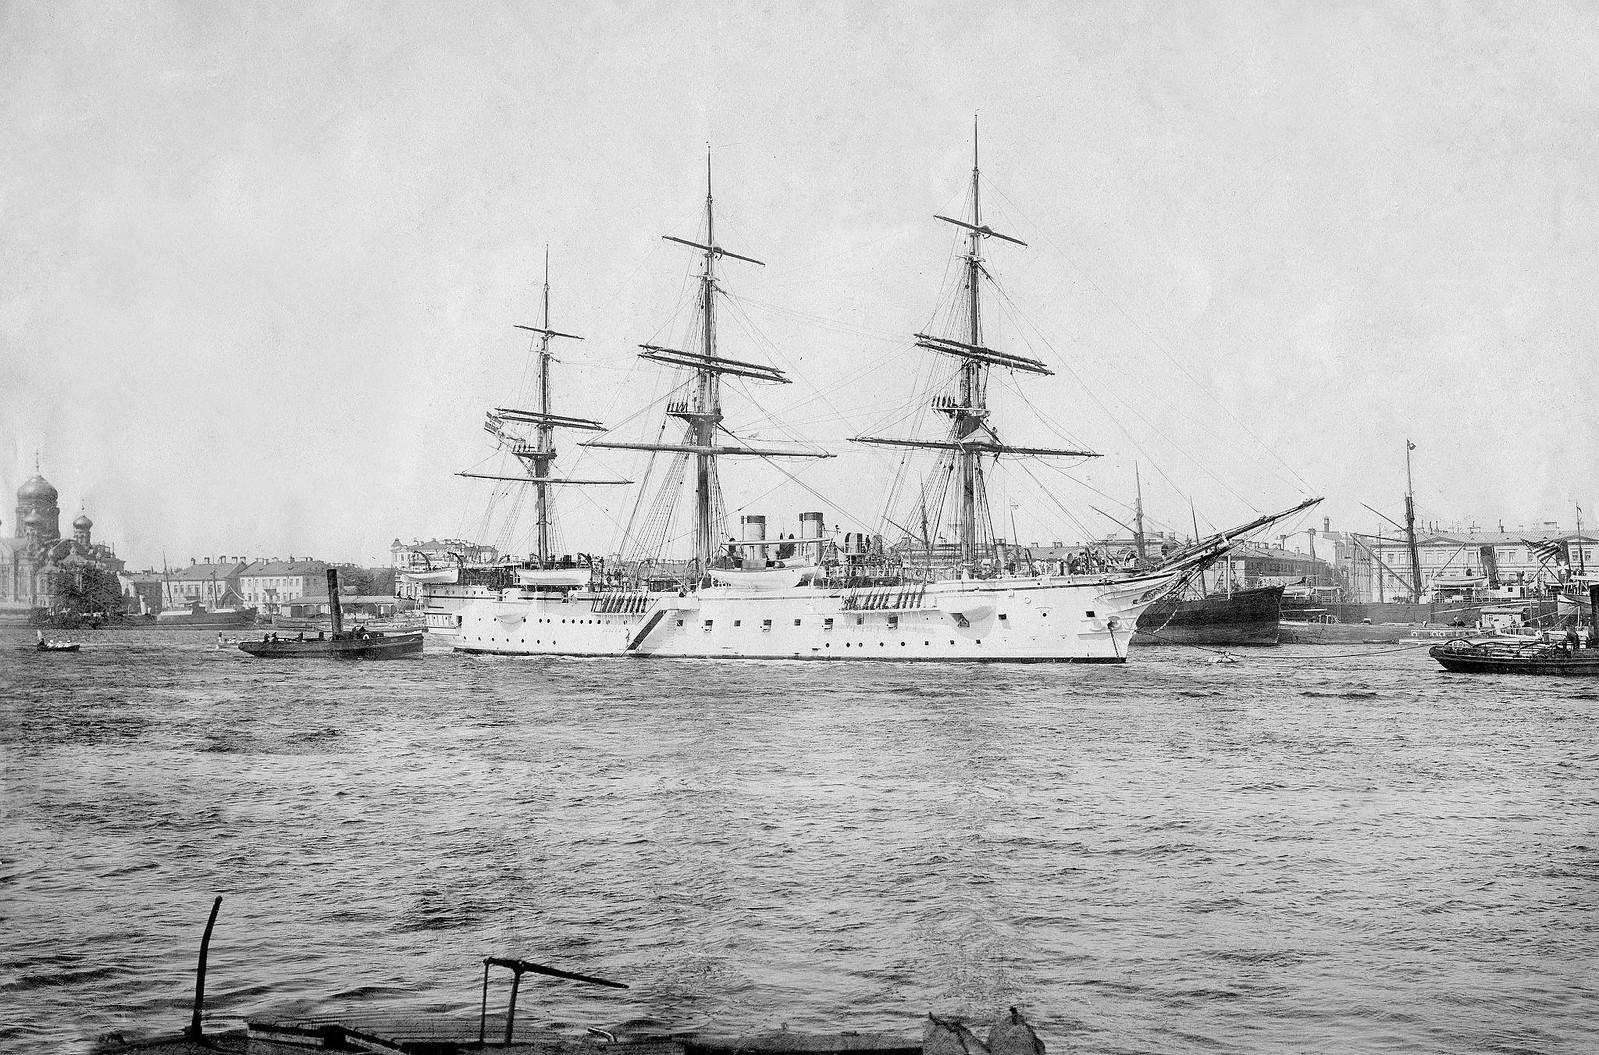 75. 1904. Учебный корабль императорского флота «Шарлотта» на Неве